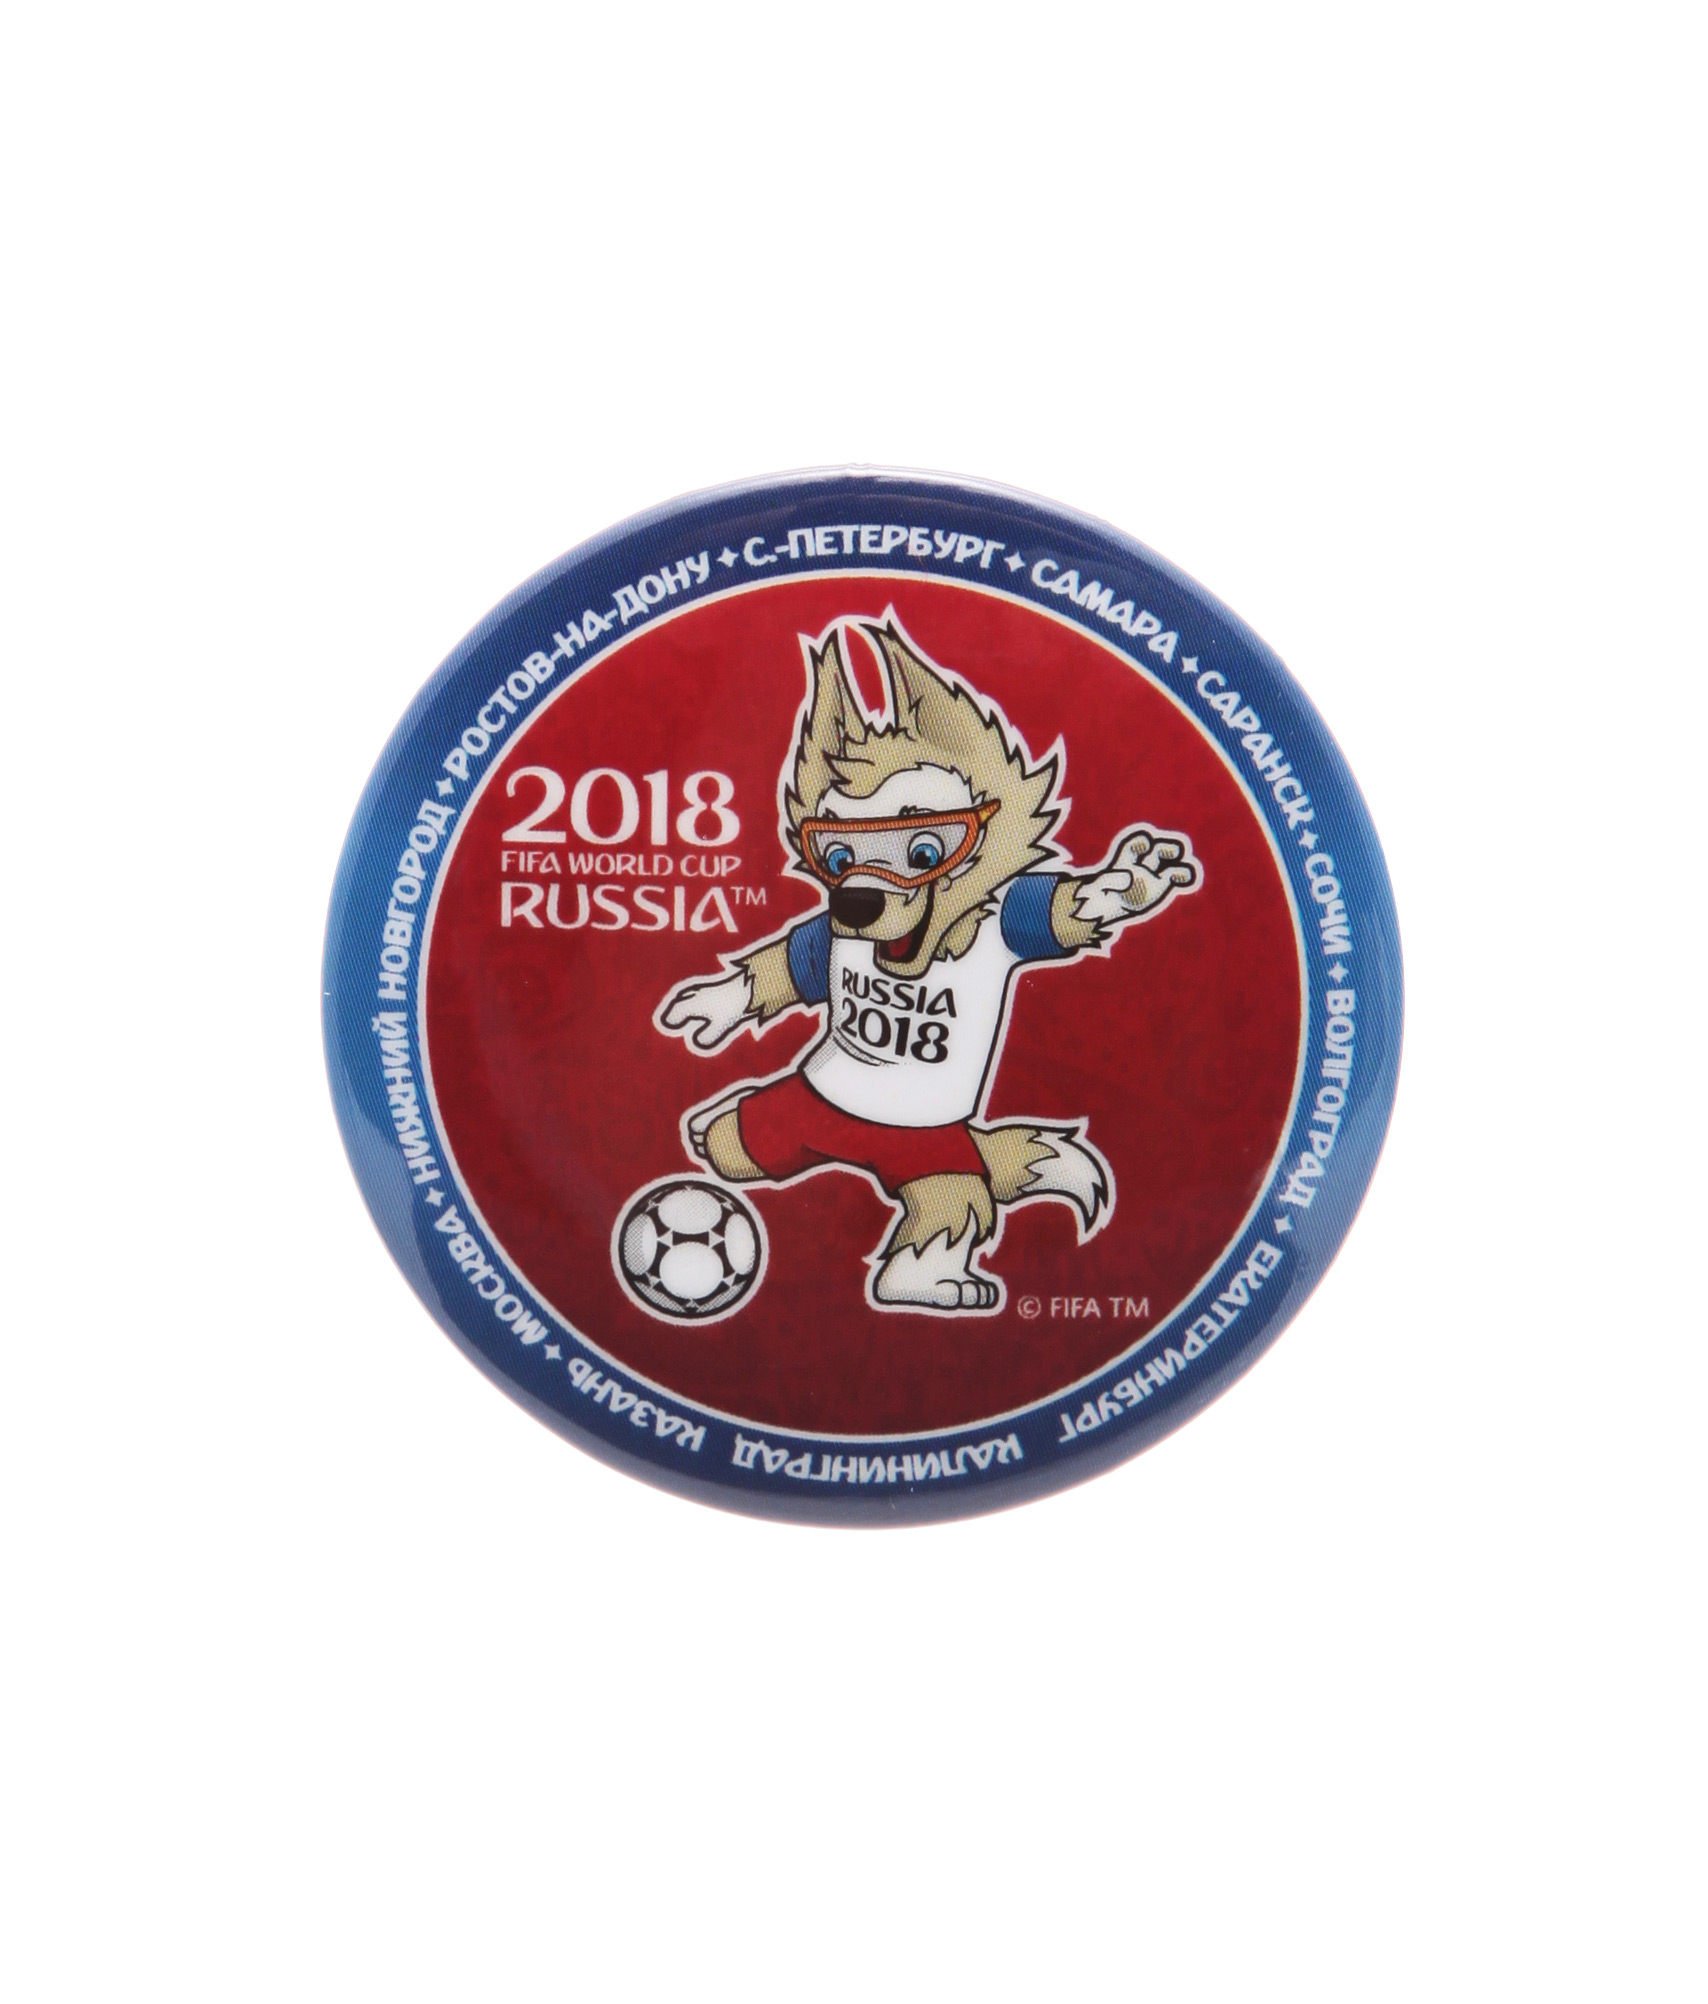 Значок закатной «Забивака» Зенит Цвет-Красный значок закатной эмблема чемпионата мира 2018 зенит